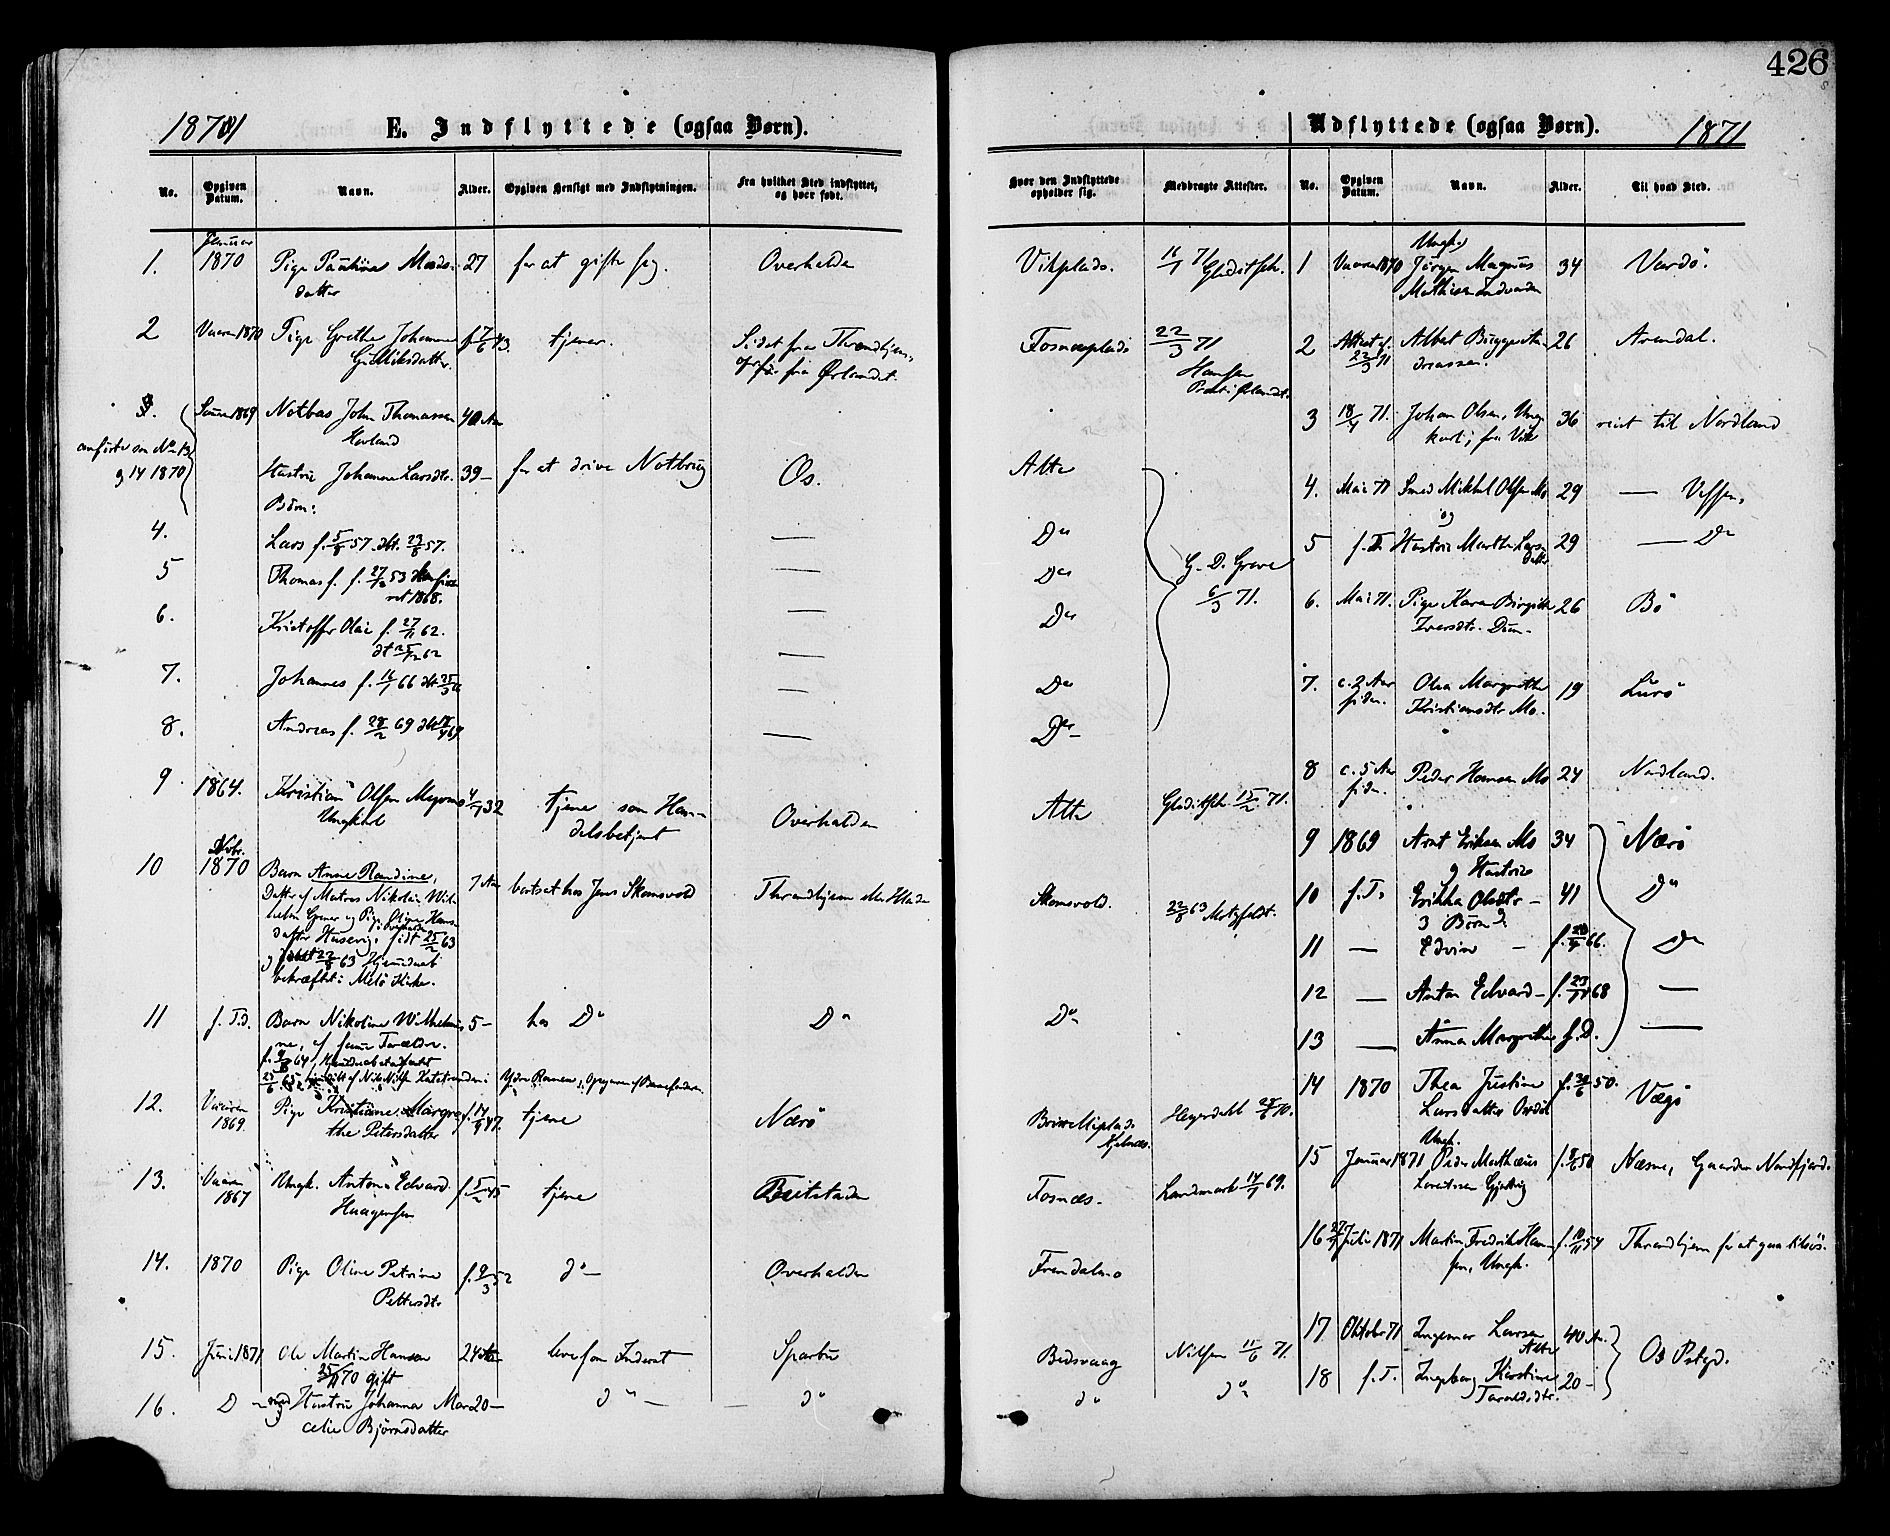 SAT, Ministerialprotokoller, klokkerbøker og fødselsregistre - Nord-Trøndelag, 773/L0616: Ministerialbok nr. 773A07, 1870-1887, s. 426